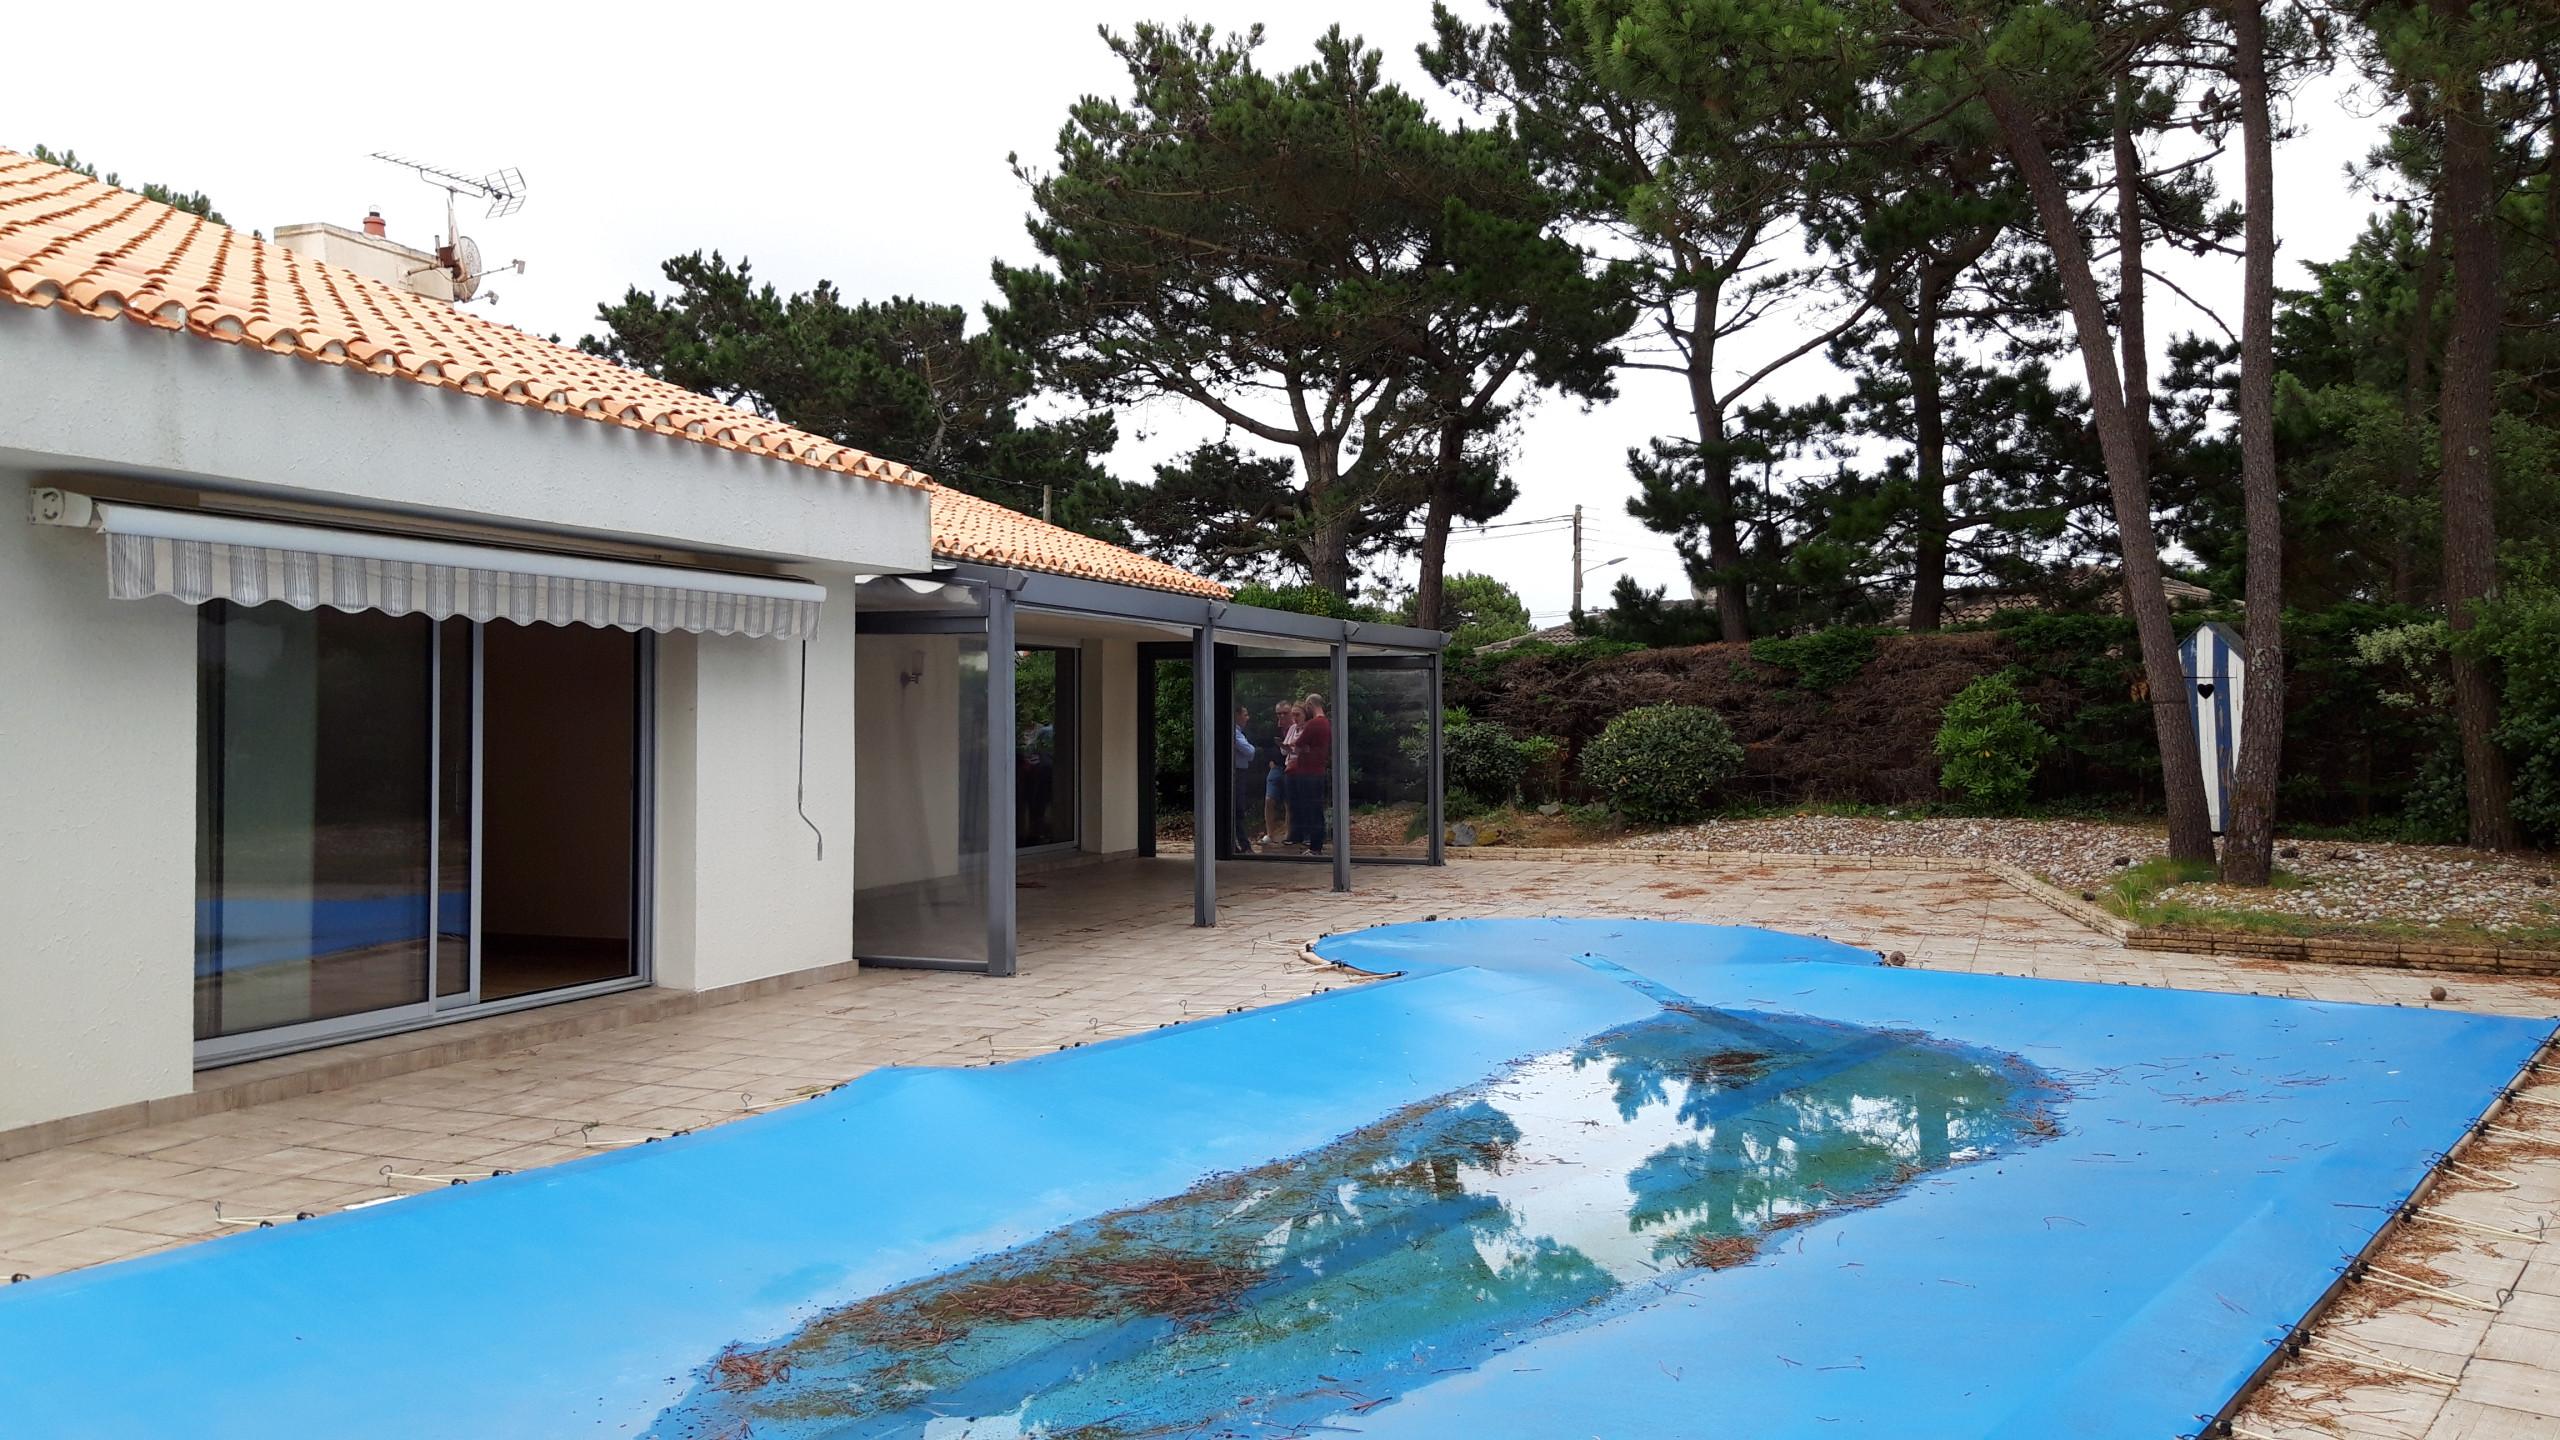 Projet Rénovation de Maison & Extension Bois - Proposition 1